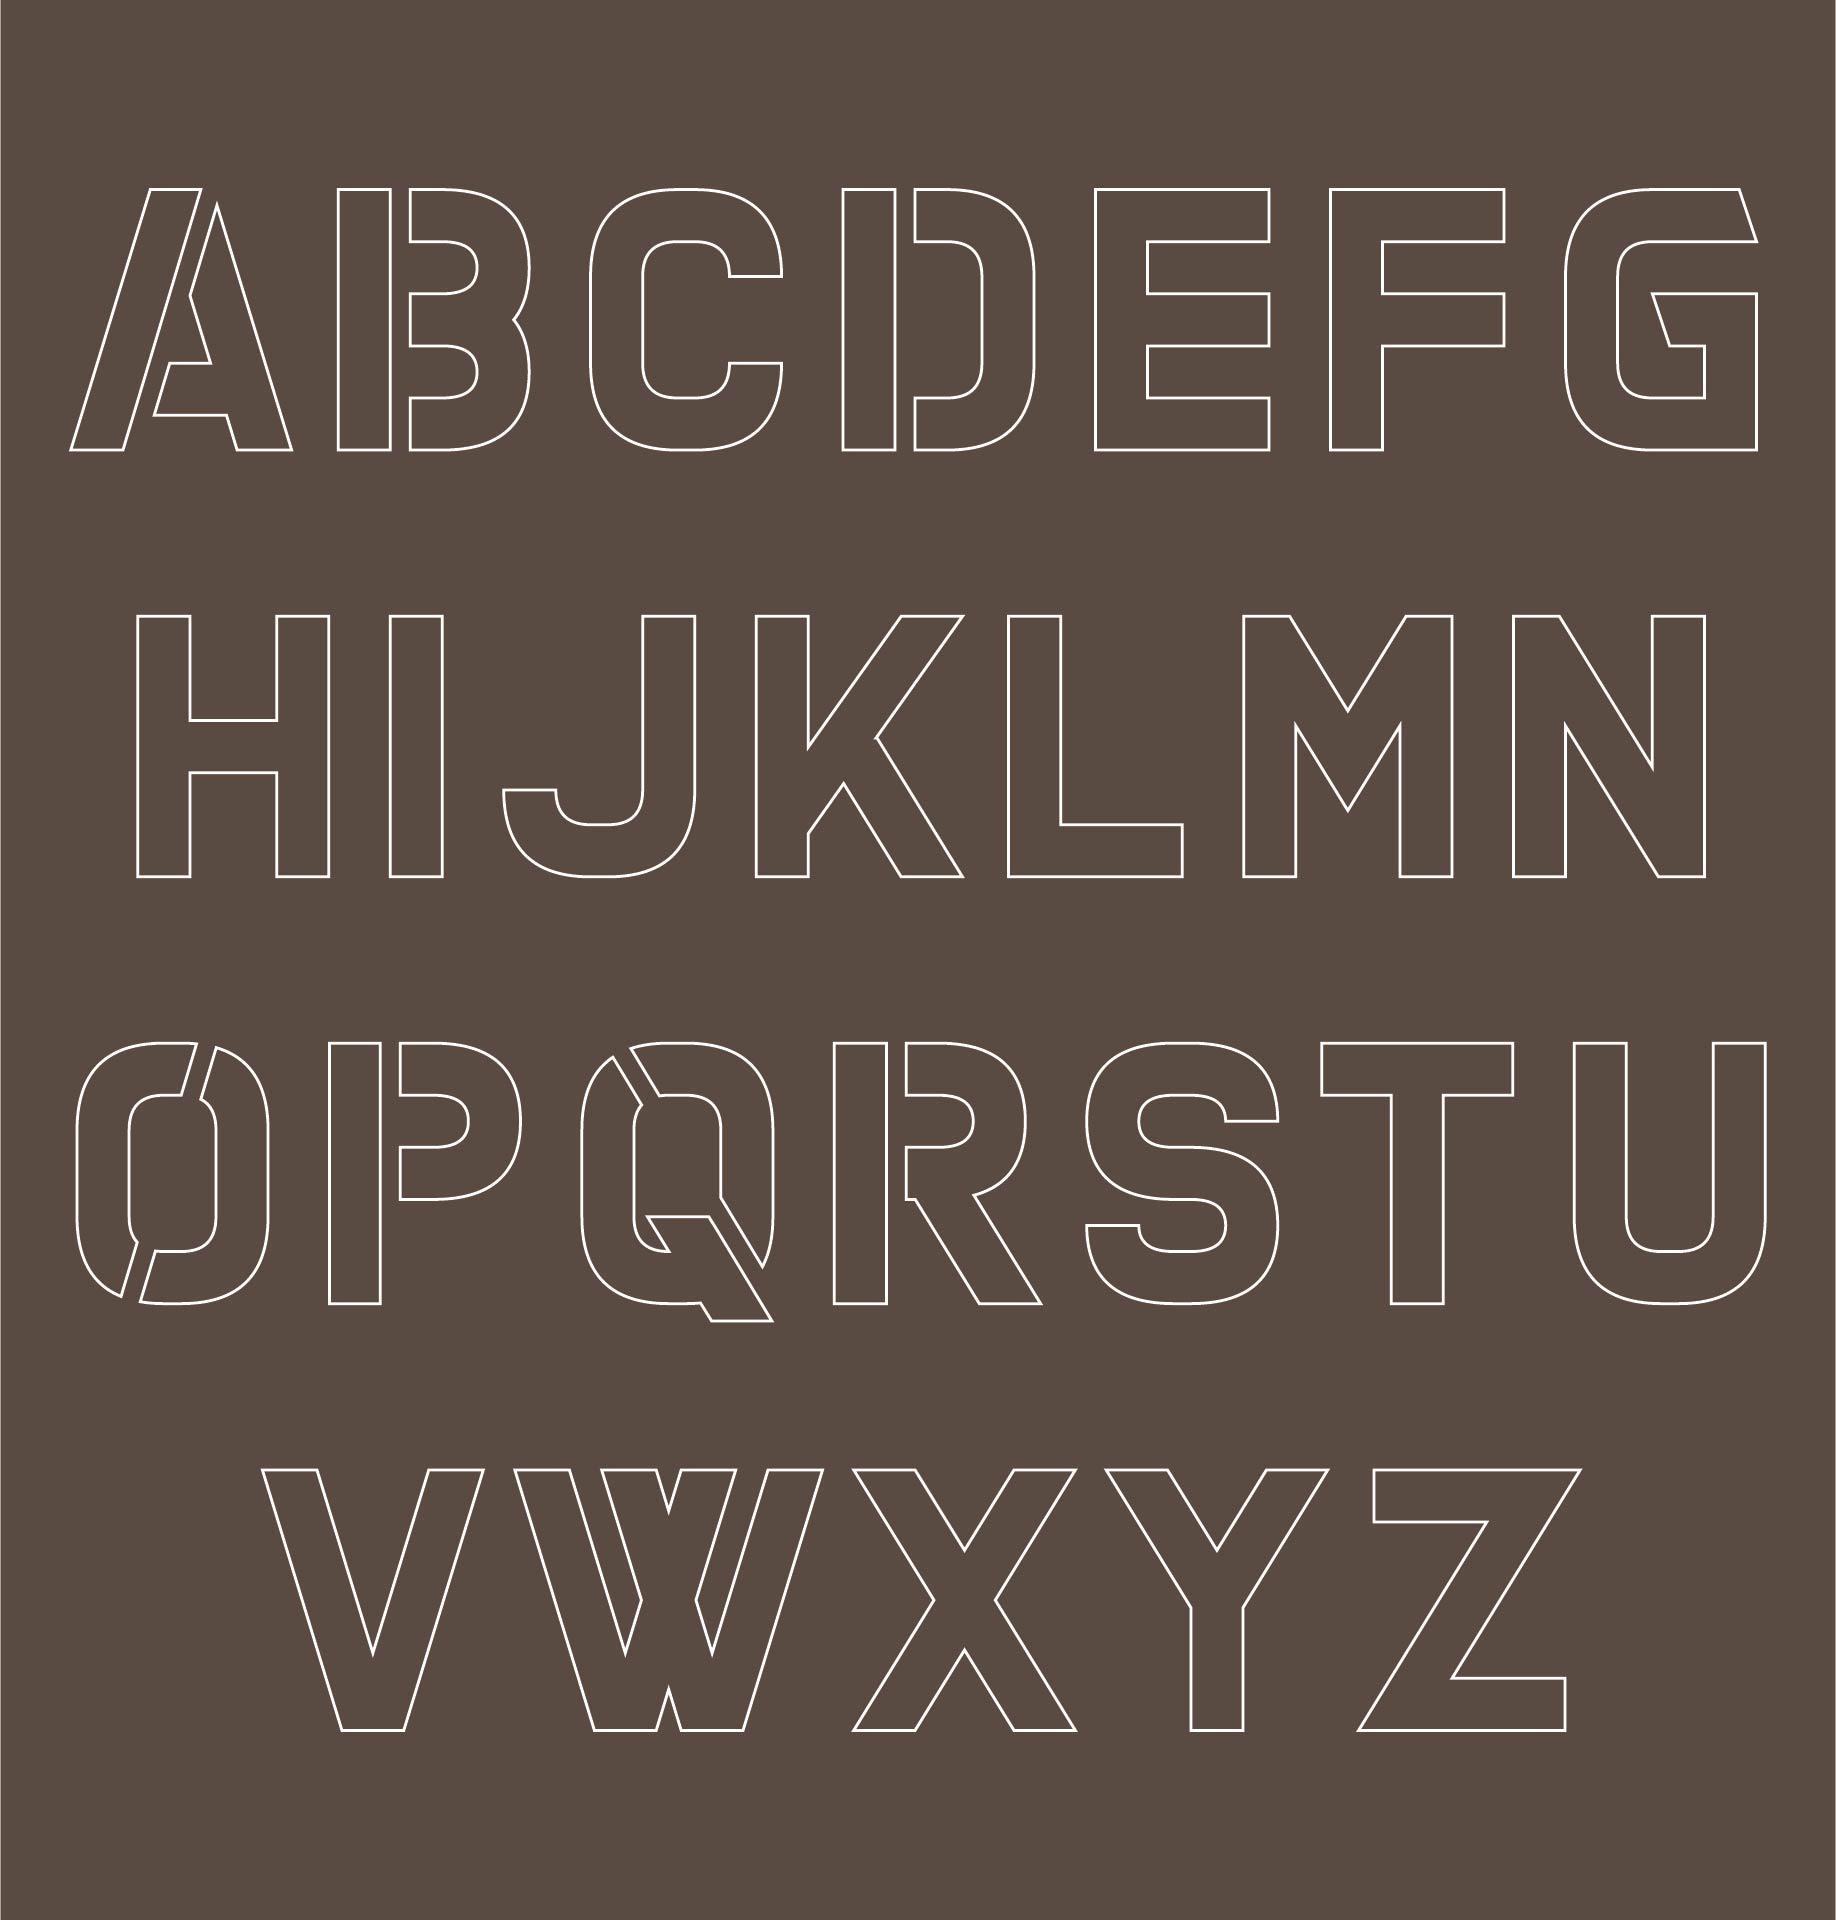 Printable Cut Out Alphabet Stencils